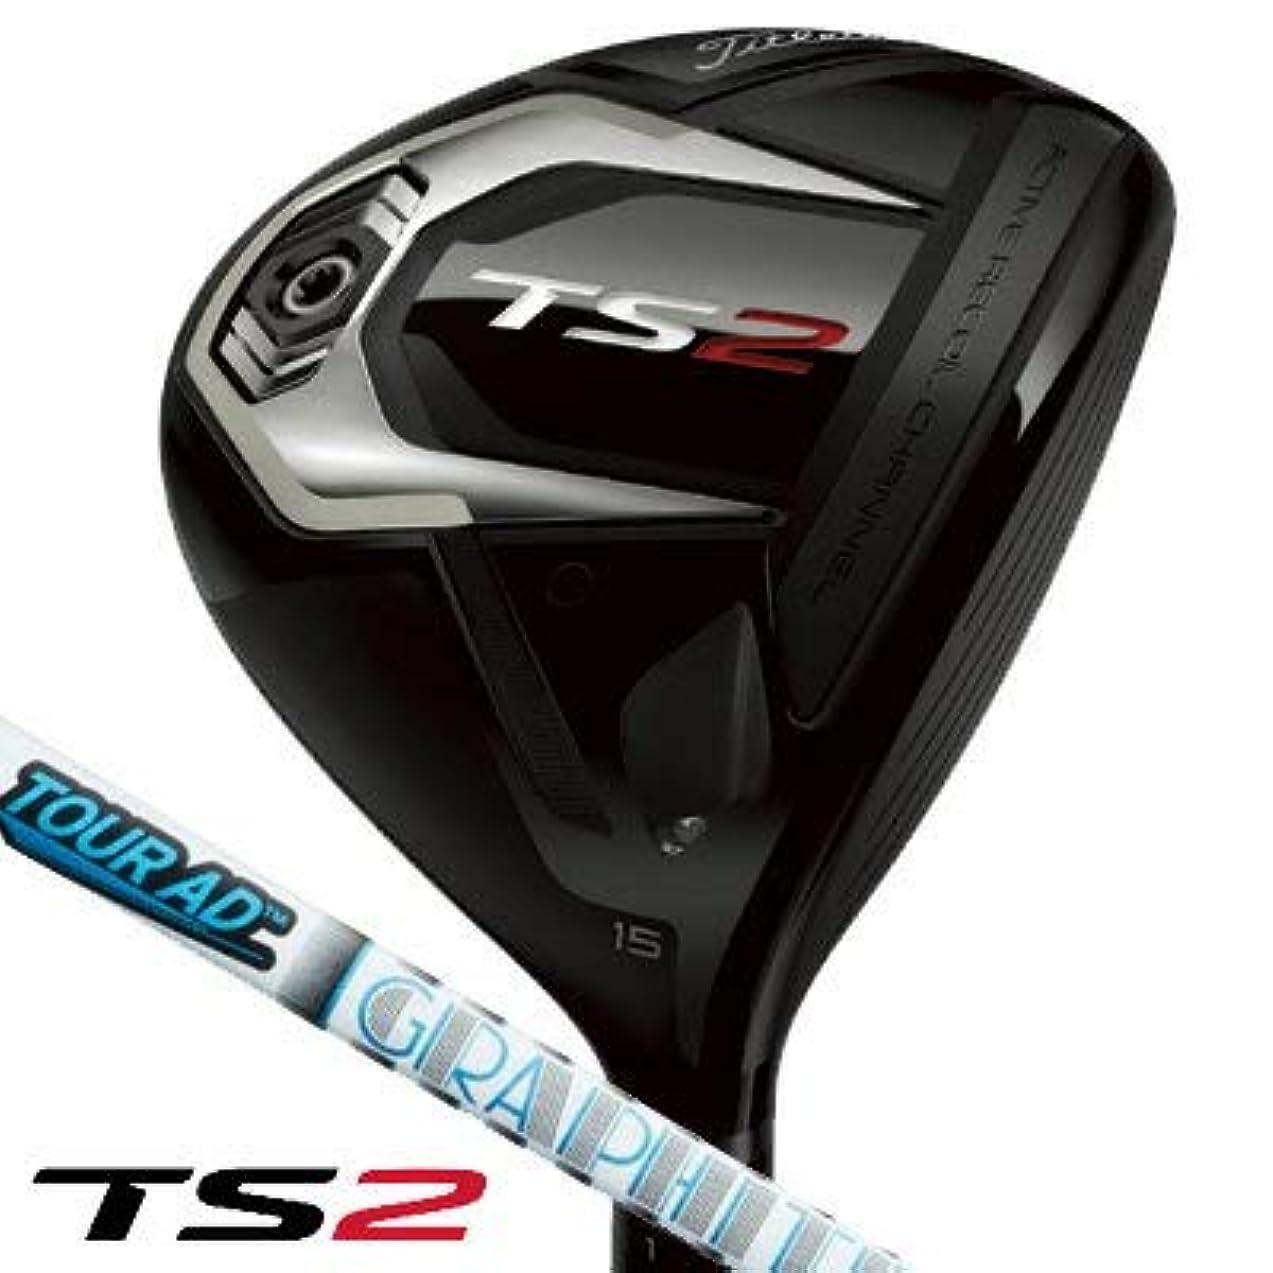 調停する減少書くTITLEIST(タイトリスト) TS2 フェアウェイウッド TOUR AD VR-5 (ツアーAD VR5) メンズゴルフクラブ 右利き用